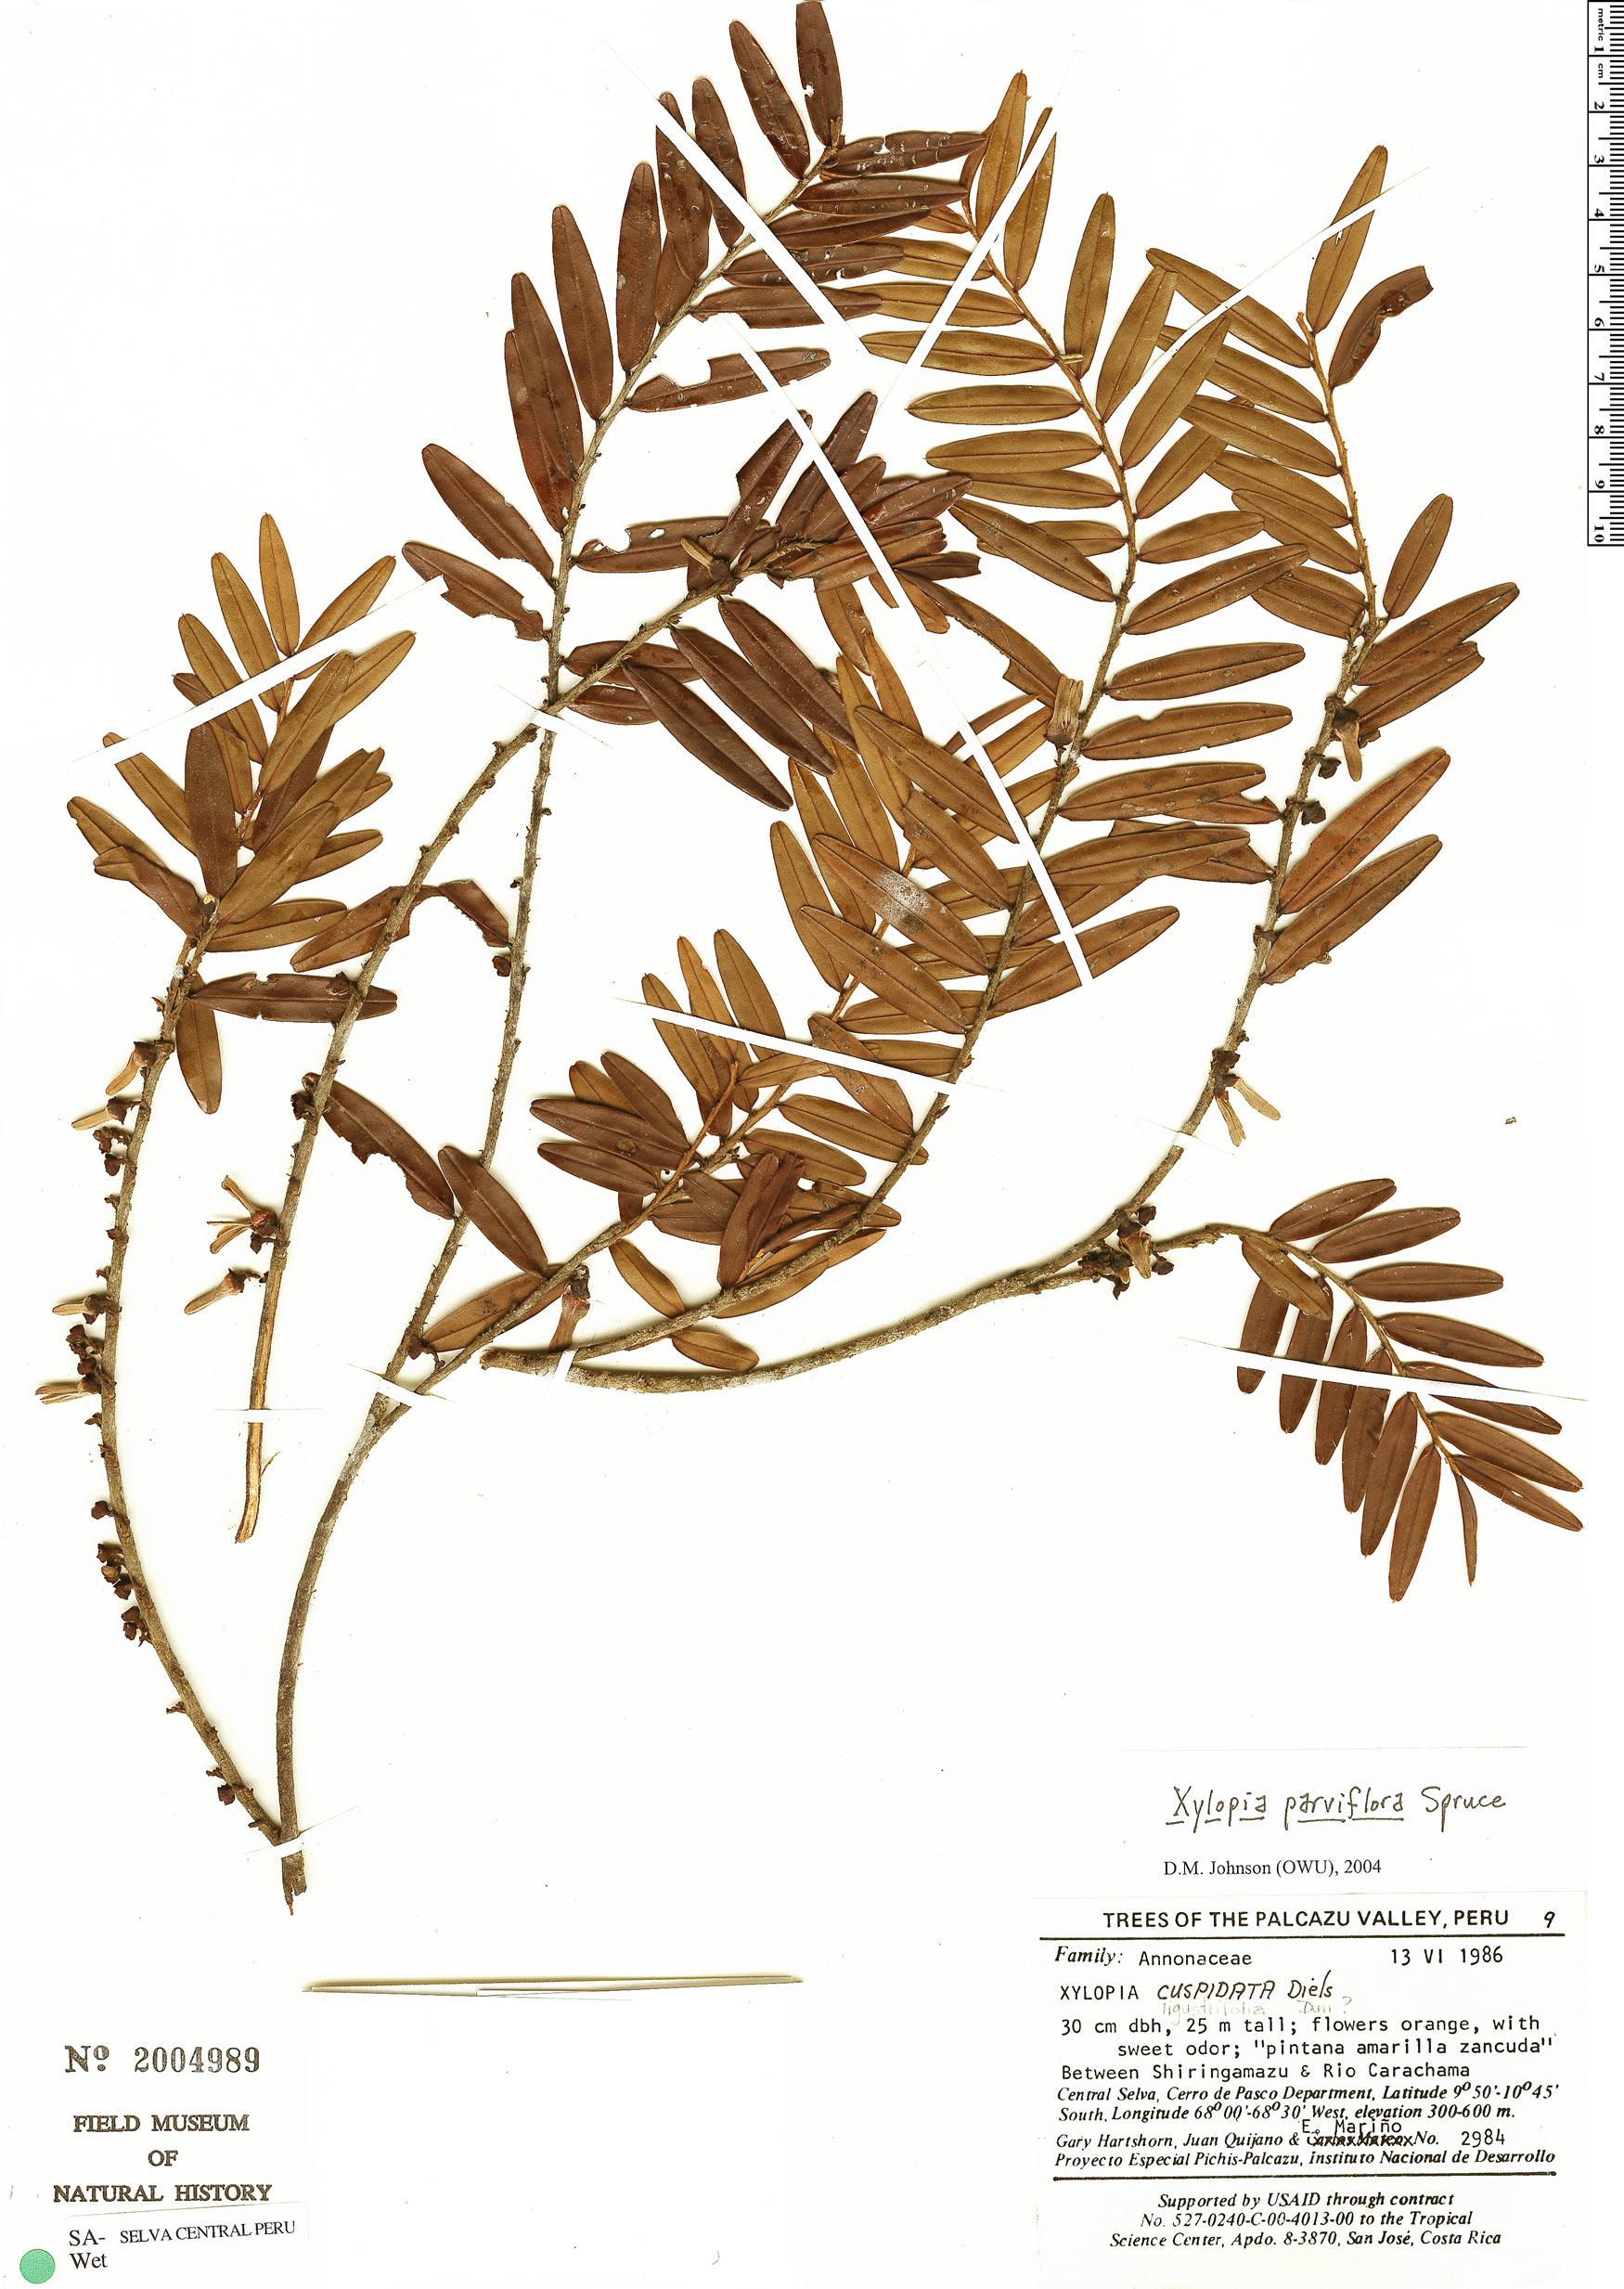 Specimen: Xylopia parviflora